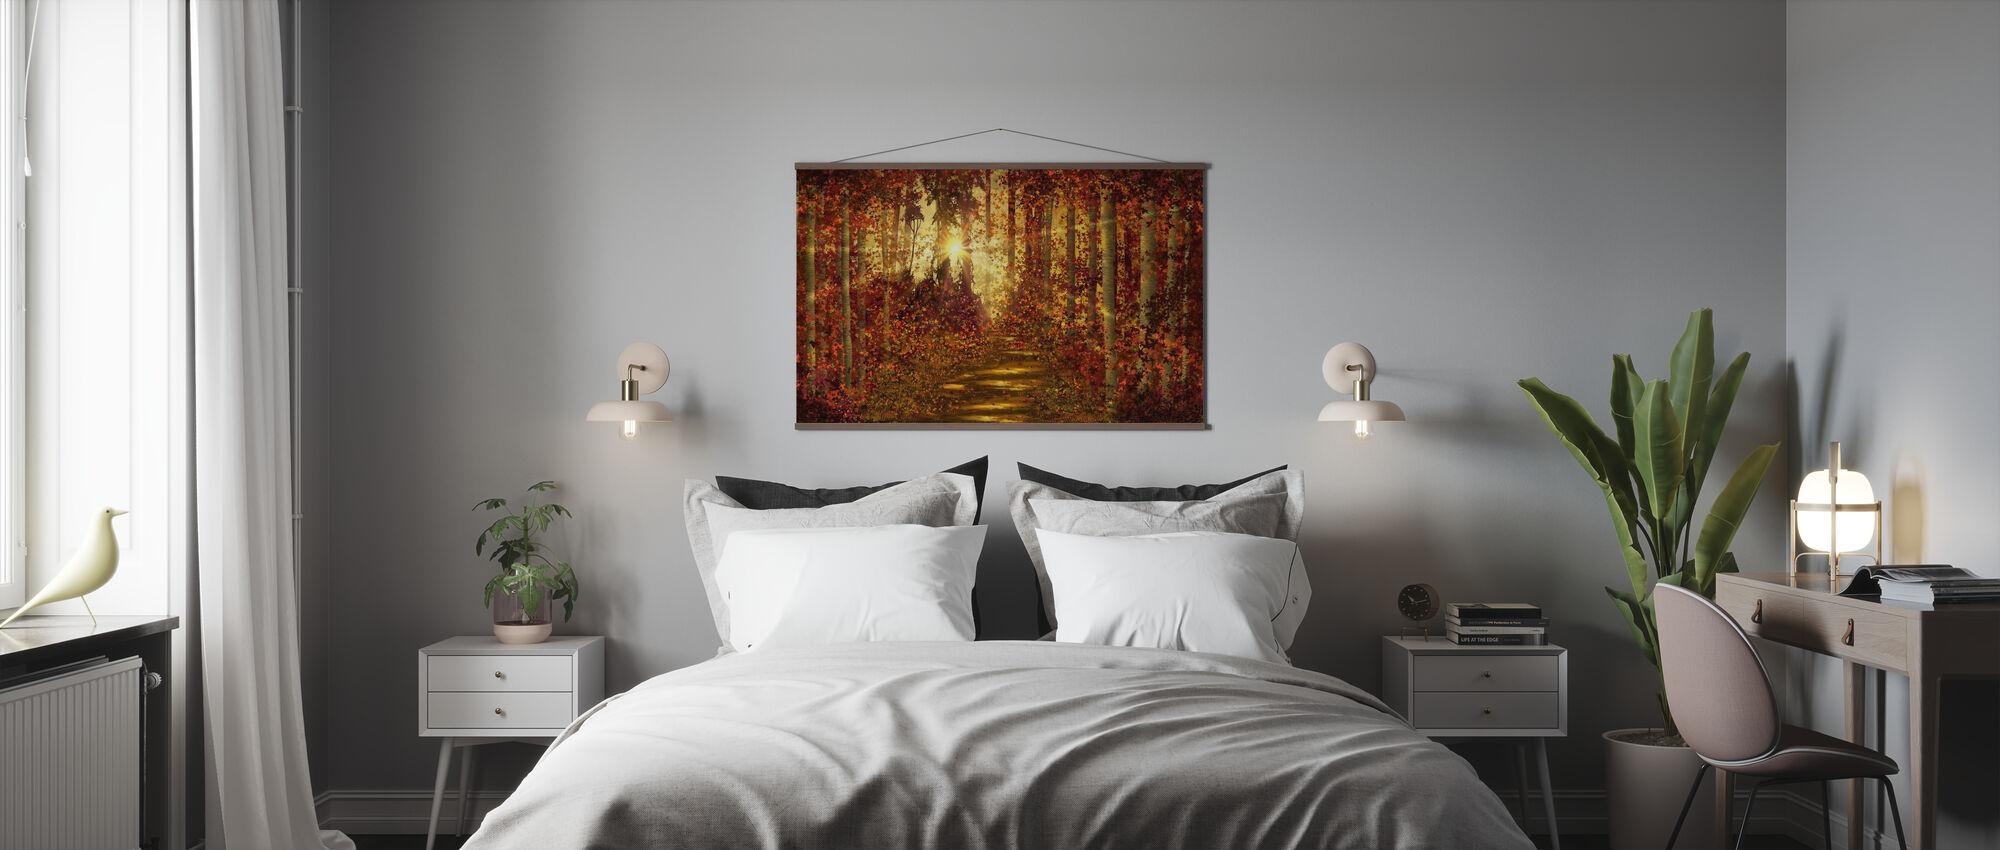 Waldwege - Poster - Schlafzimmer